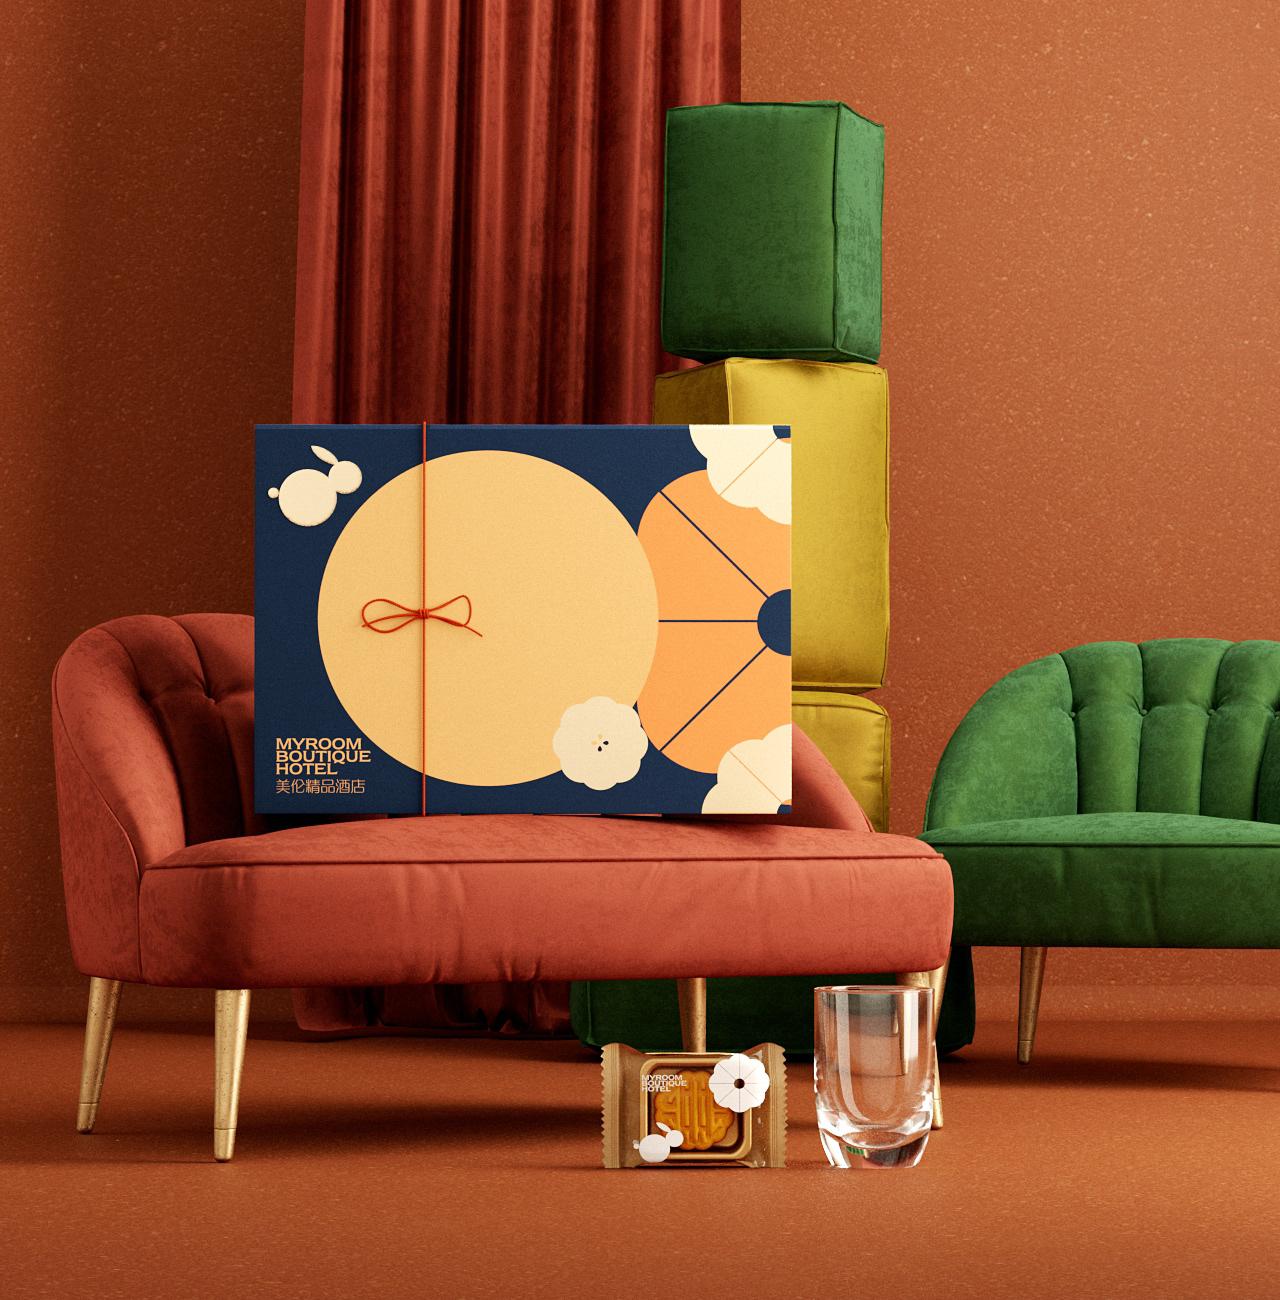 美伦精品酒店月饼礼盒包装设计